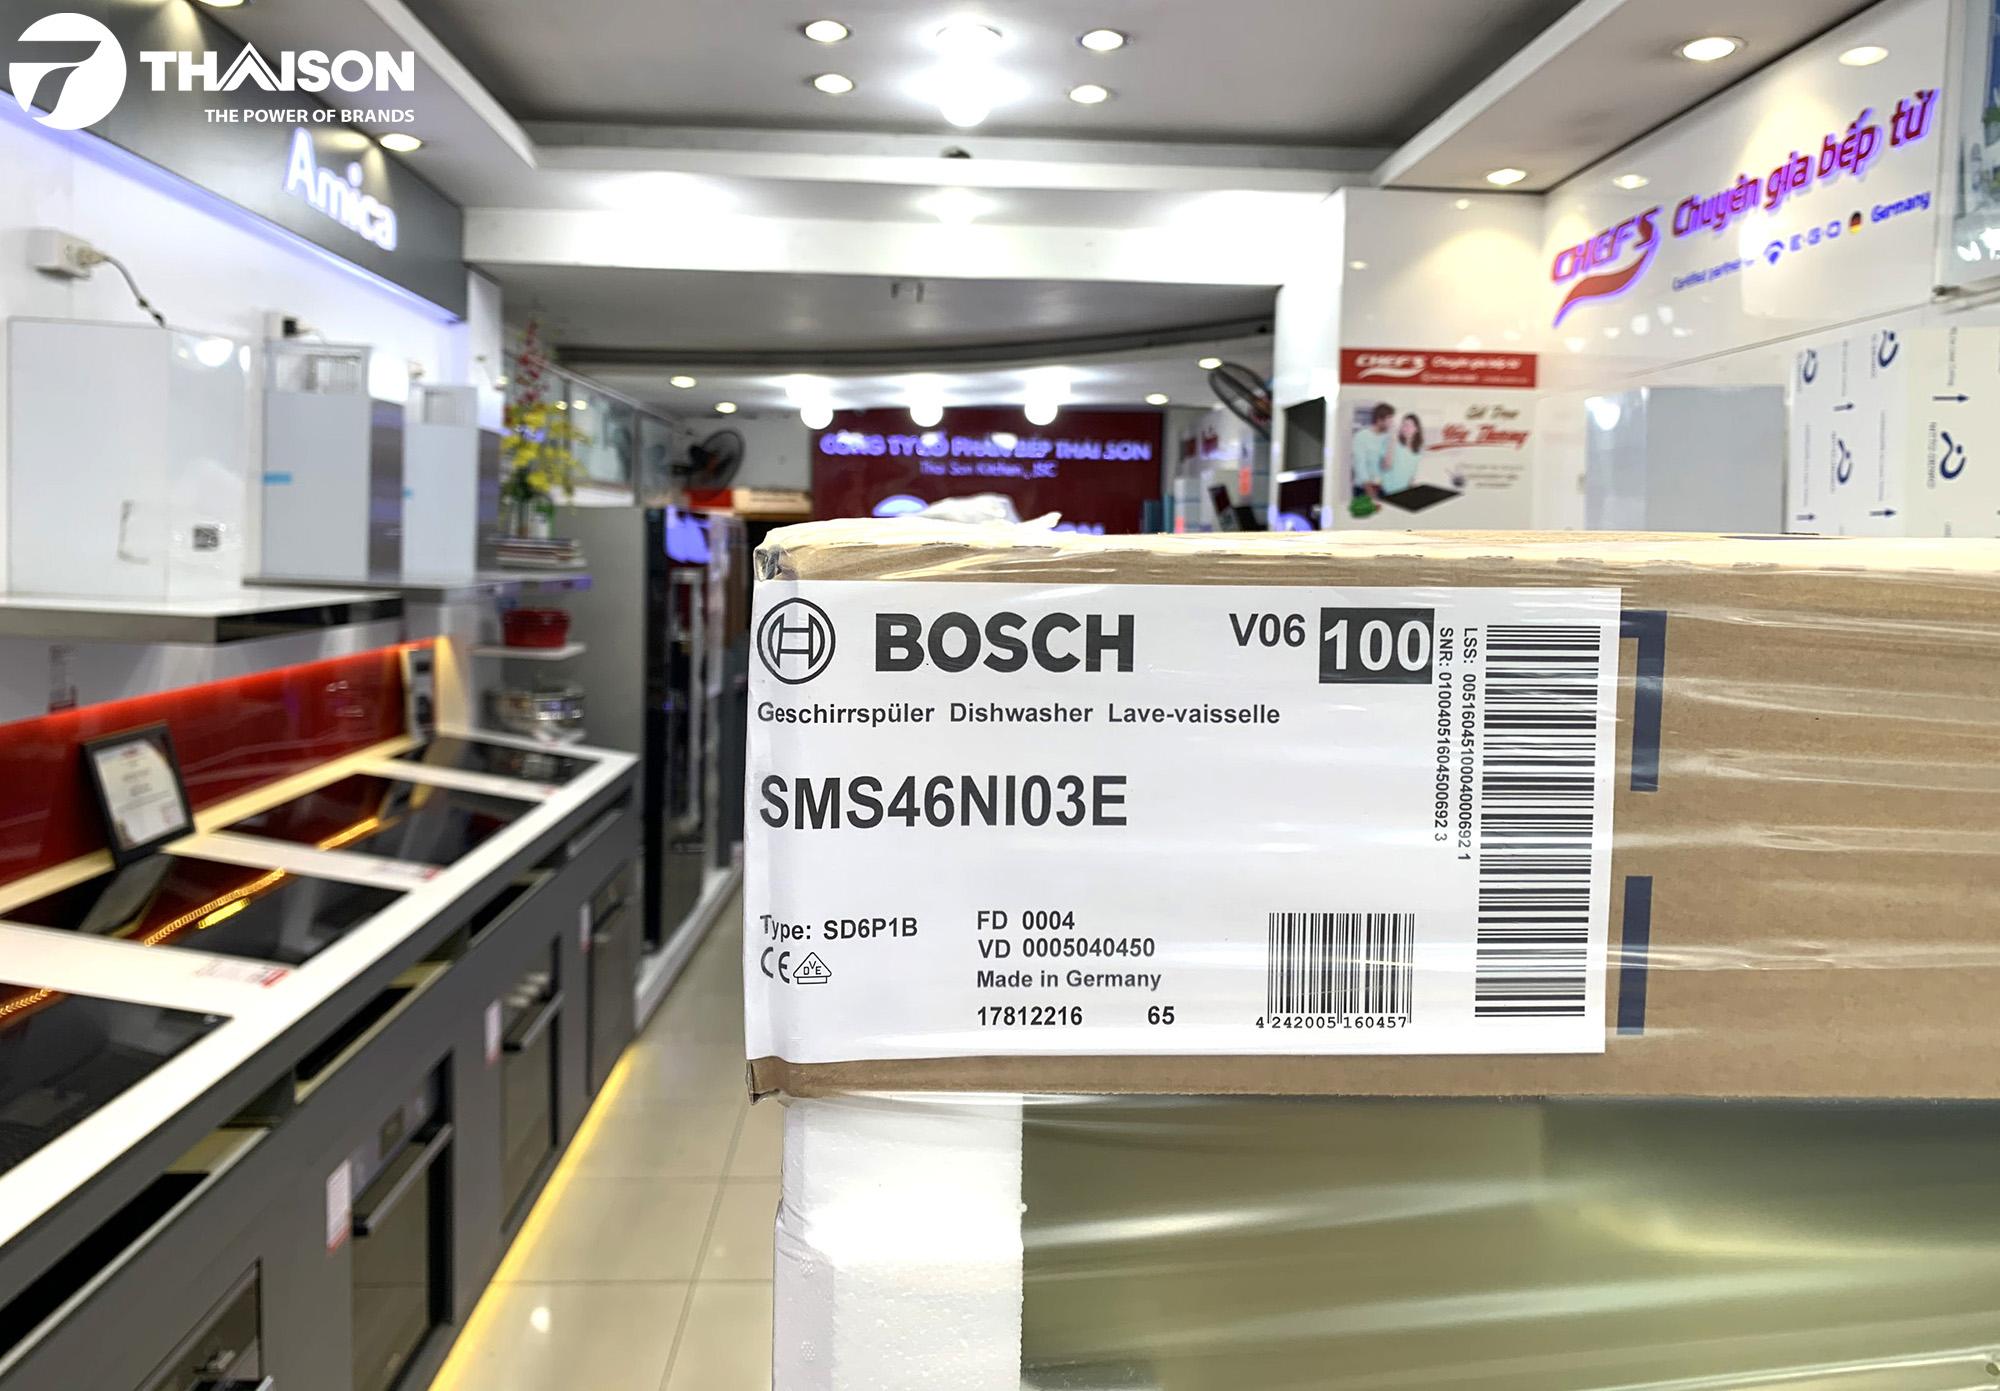 Bosch SMS46NI03E tại Showroom Siêu thị Bếp Thái Sơn.